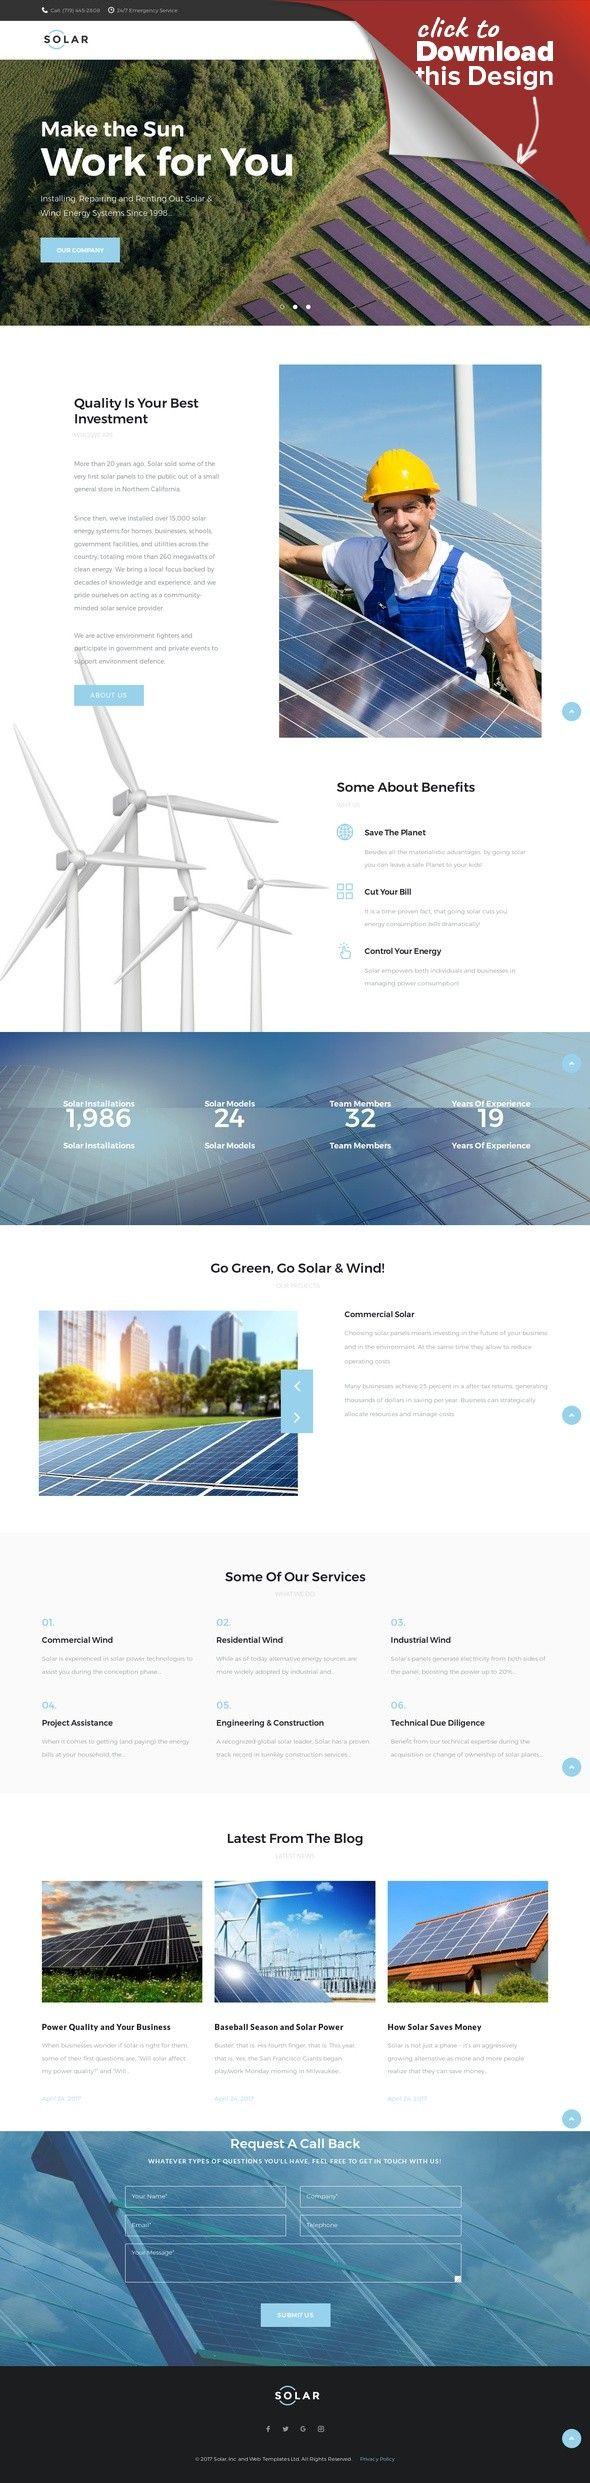 Template Wordpress Responsive 65623 Per Un Sito Di Energia Solare Modelli Cms E Blog Temi Wordpress Template Business E Tema De Wordpress Energia Solar Tema